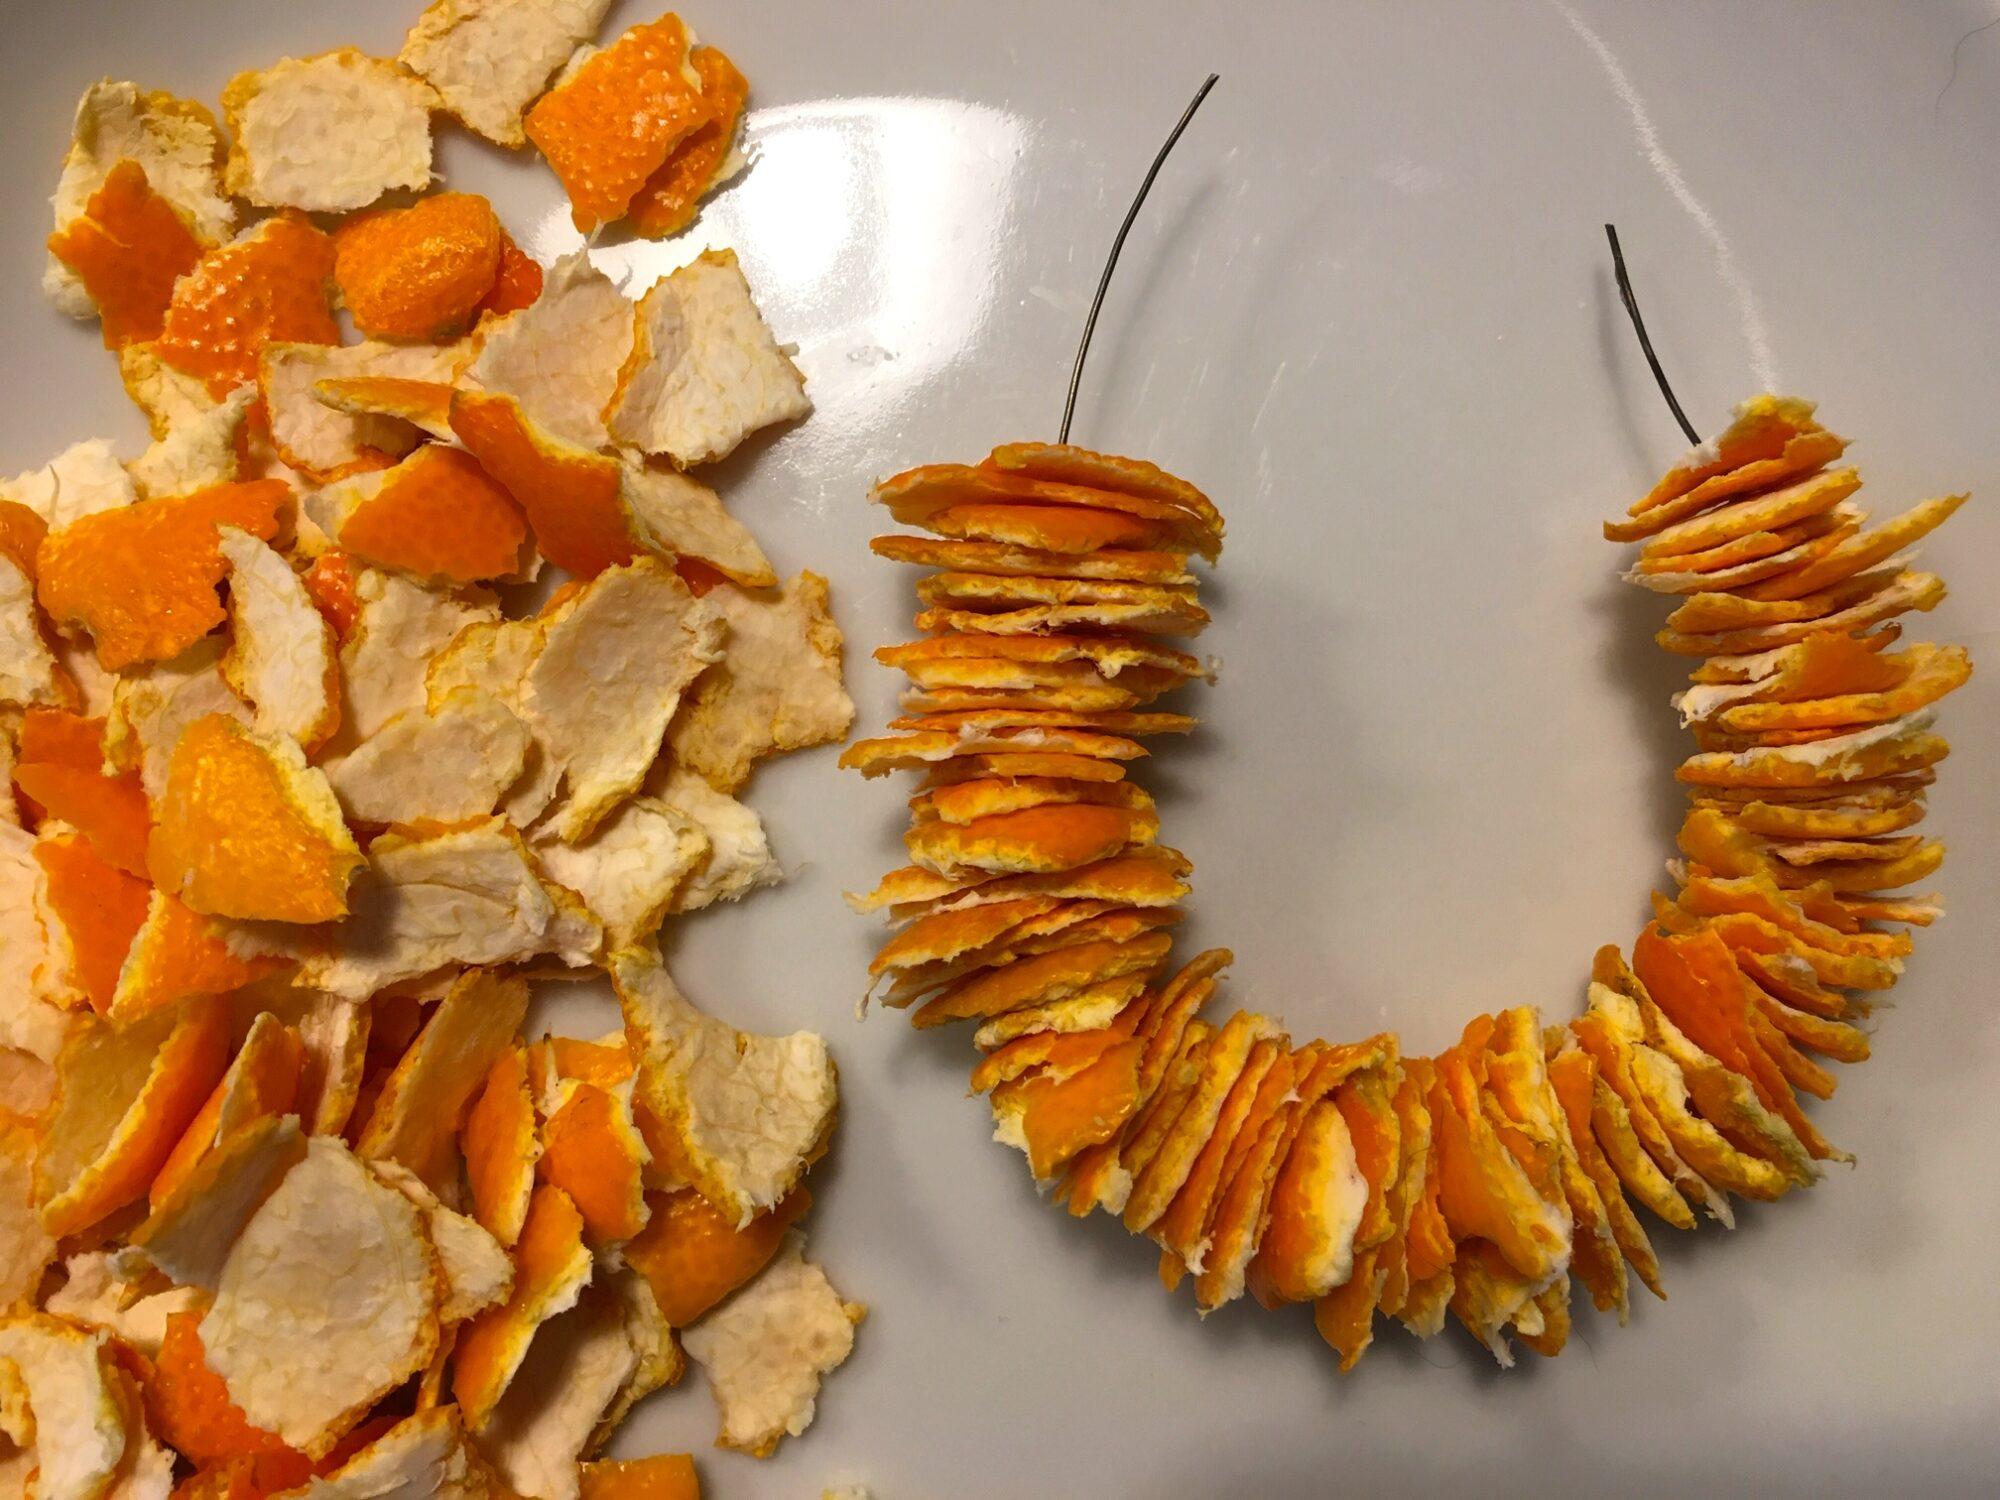 Julepynt at clementinskræl - Næsten færdig